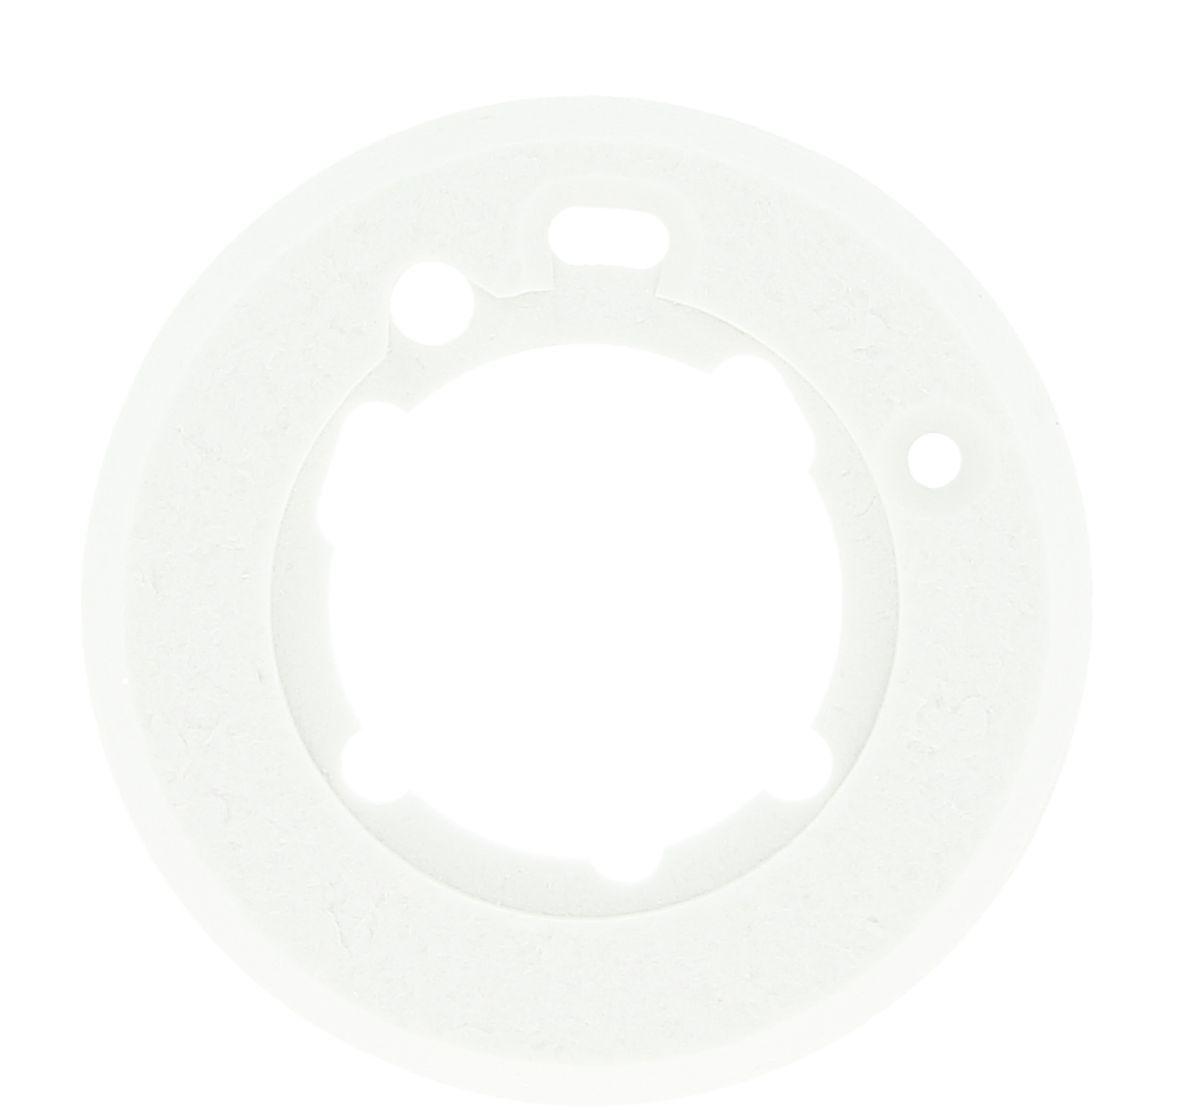 Panneau isolant (5409100) sx5409100